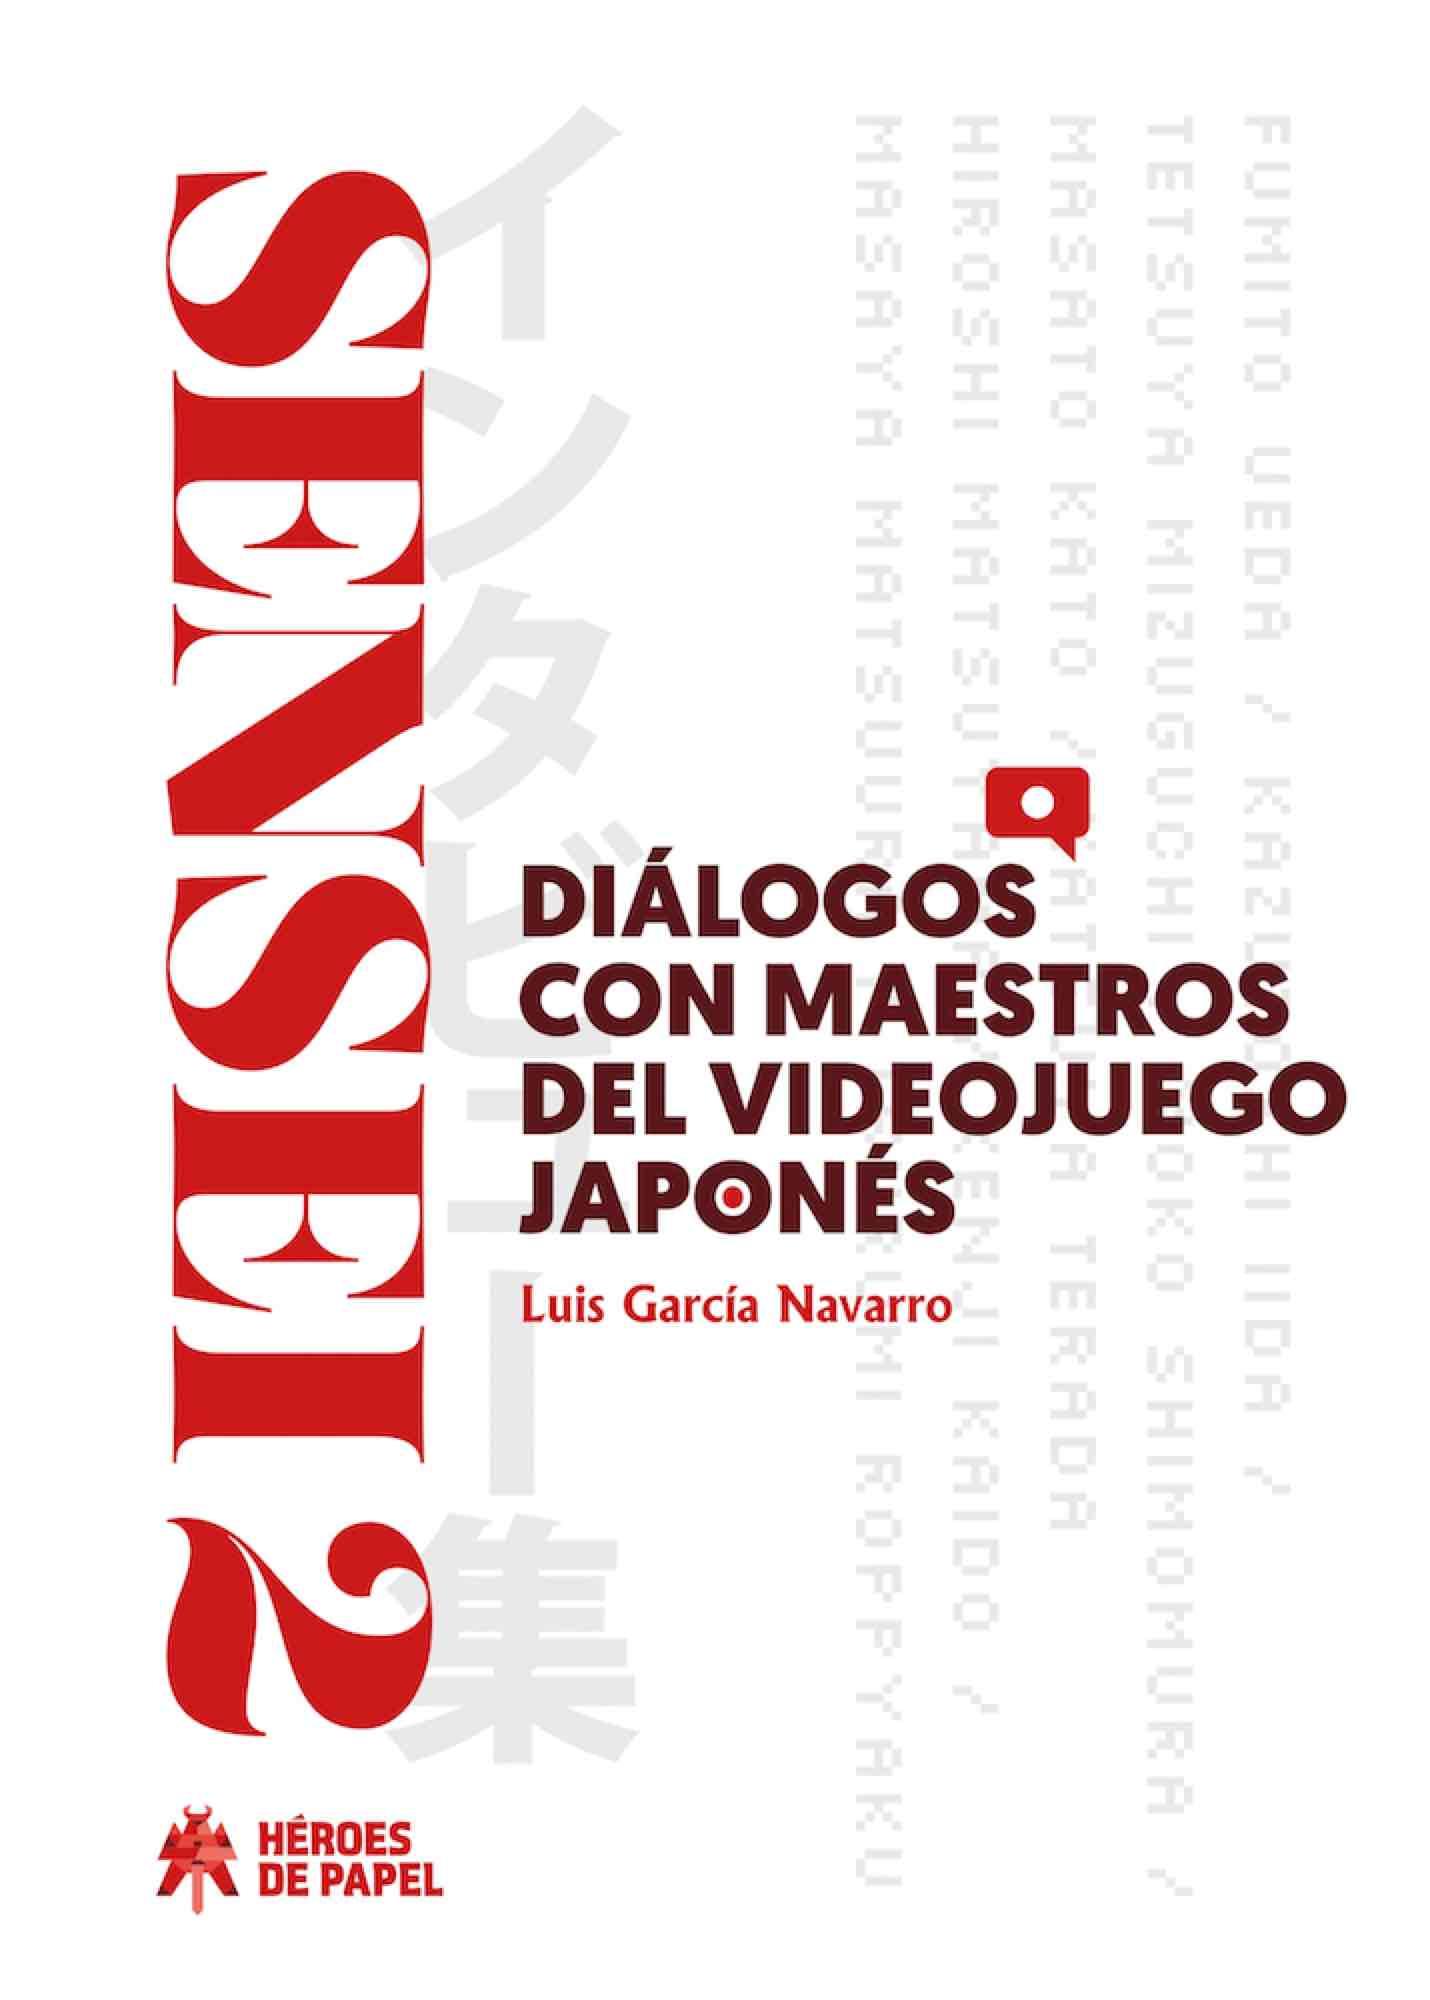 SENSEI 02: DIALOGOS CON MAESTROS DEL VIDEOJUEGO JAPONES